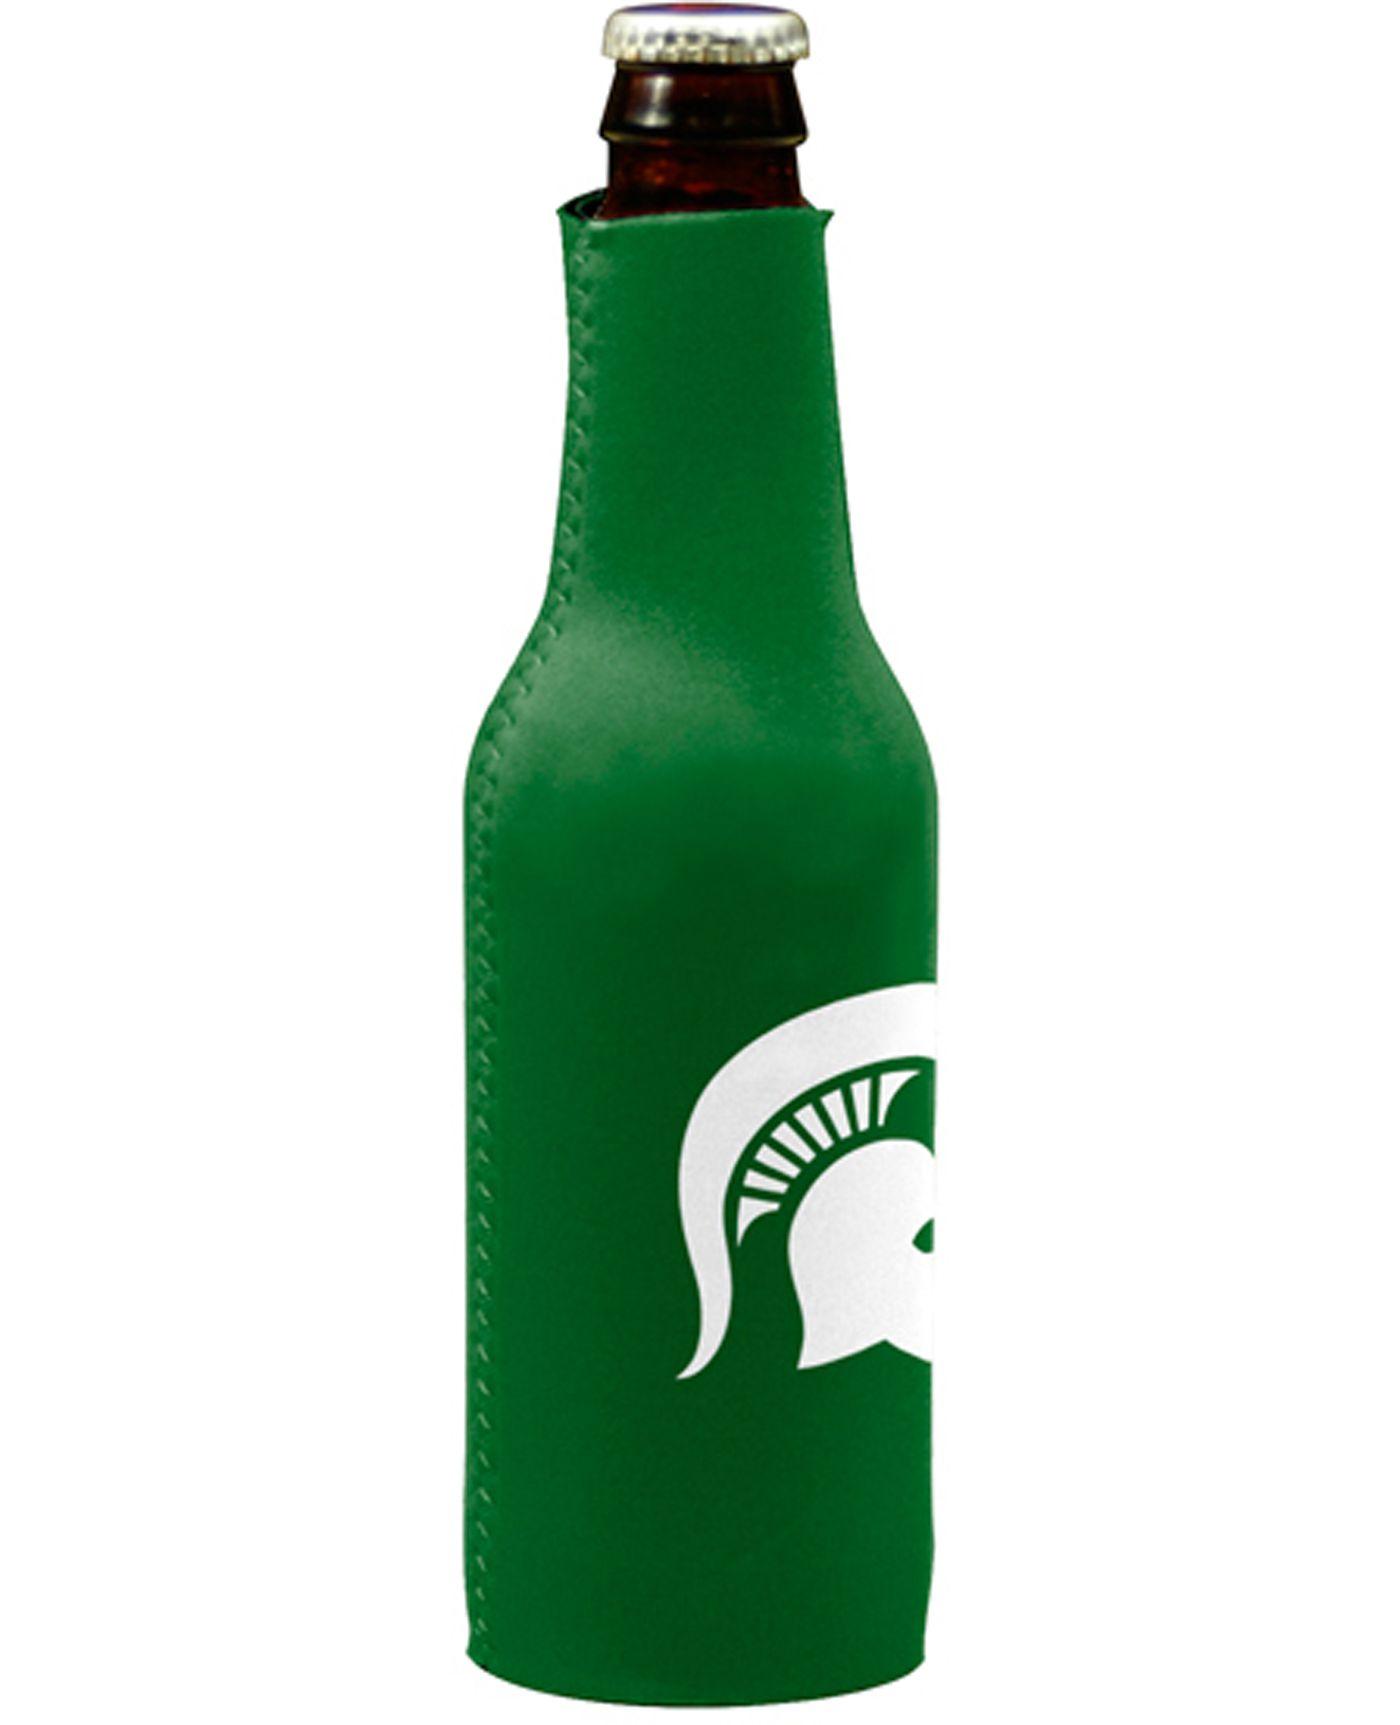 Michigan State Spartans Bottle Koozie